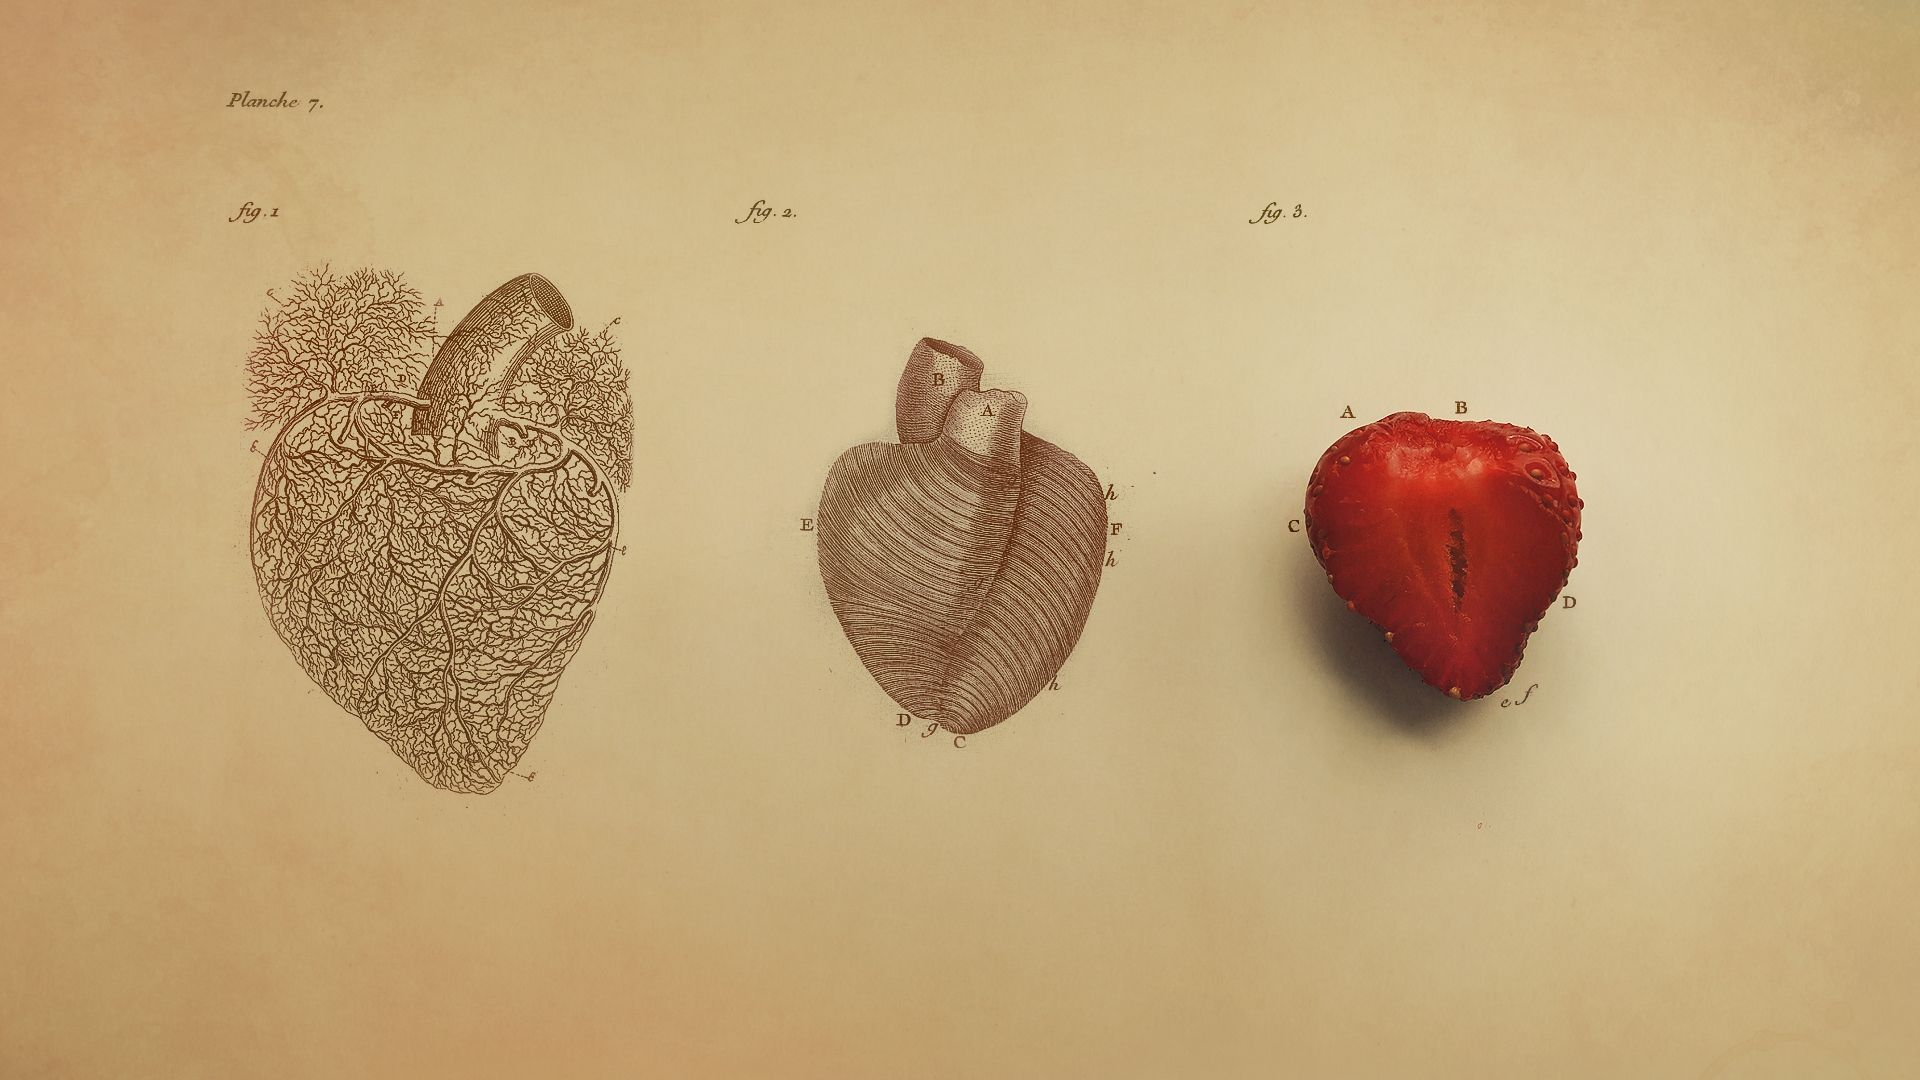 Human Heart Wallpaper